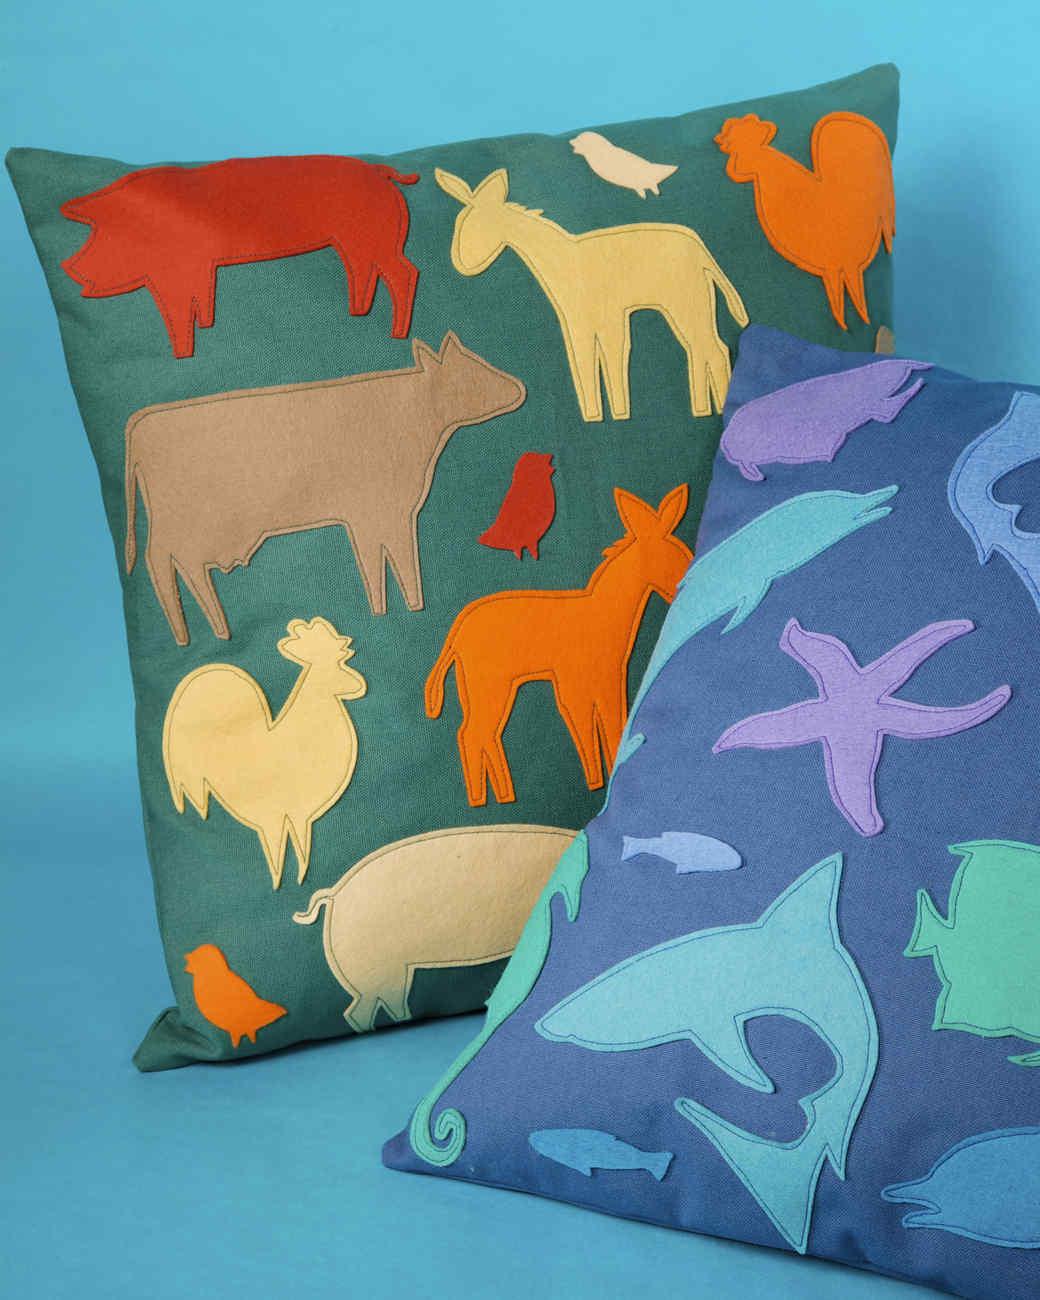 4110_030409_pillow.jpg